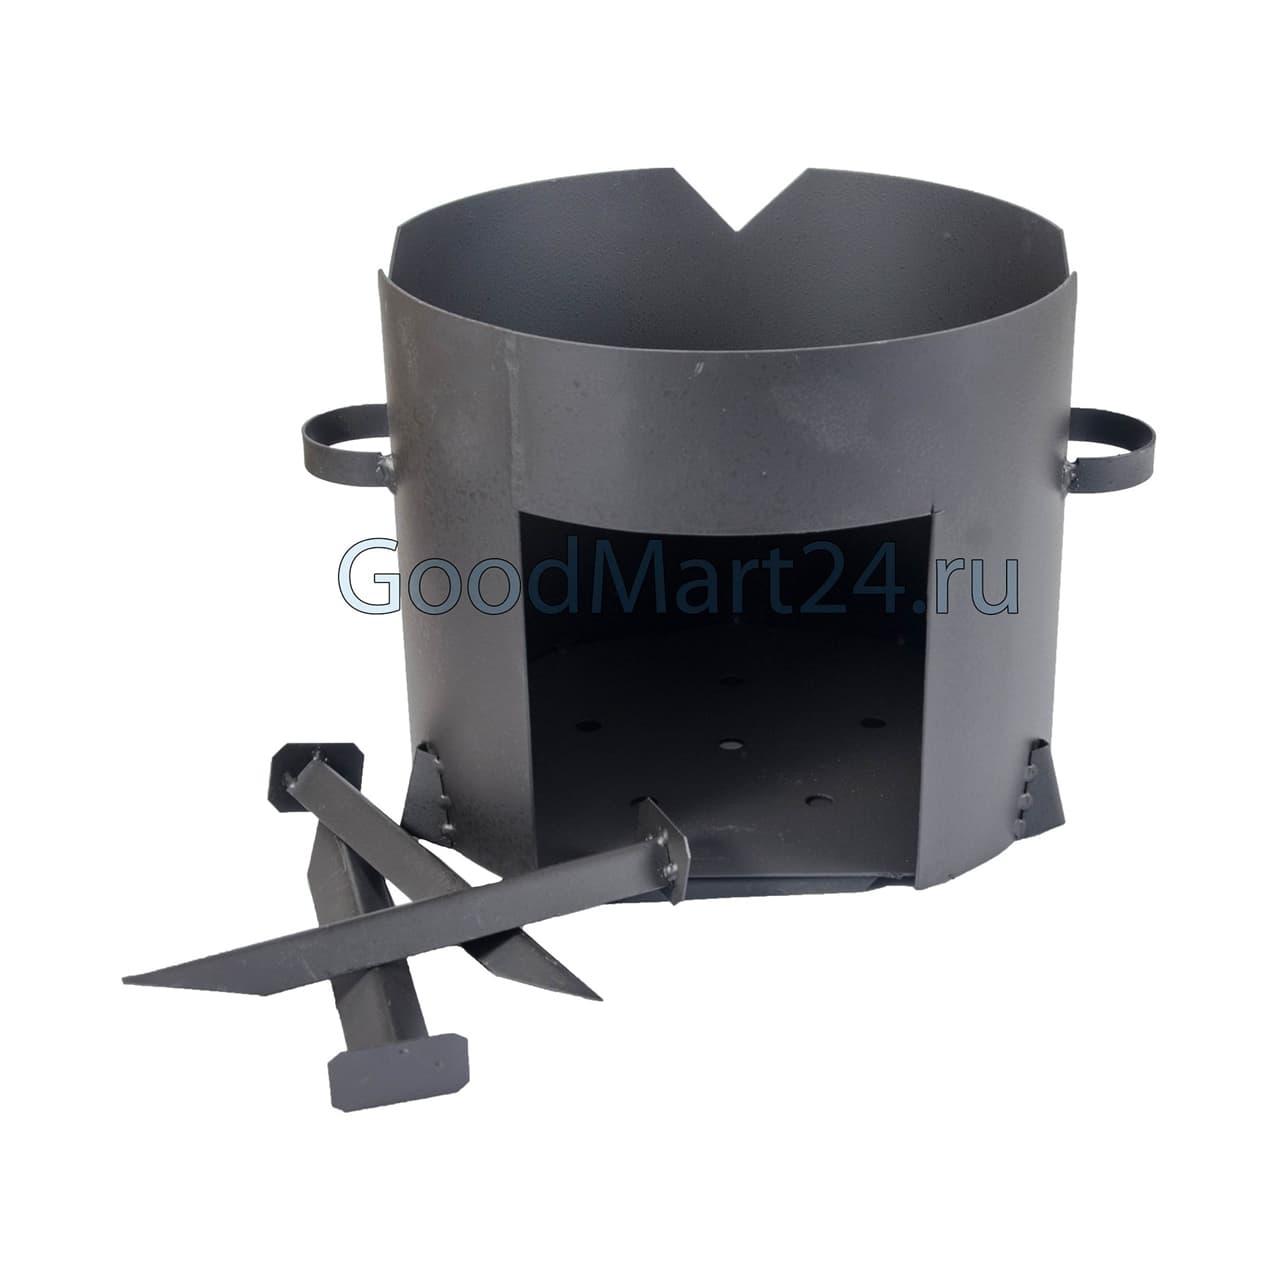 Чугунный казан 8 л. Балезинский ЛМЗ + Печь d-340 мм сталь 2 мм. - фото 4840